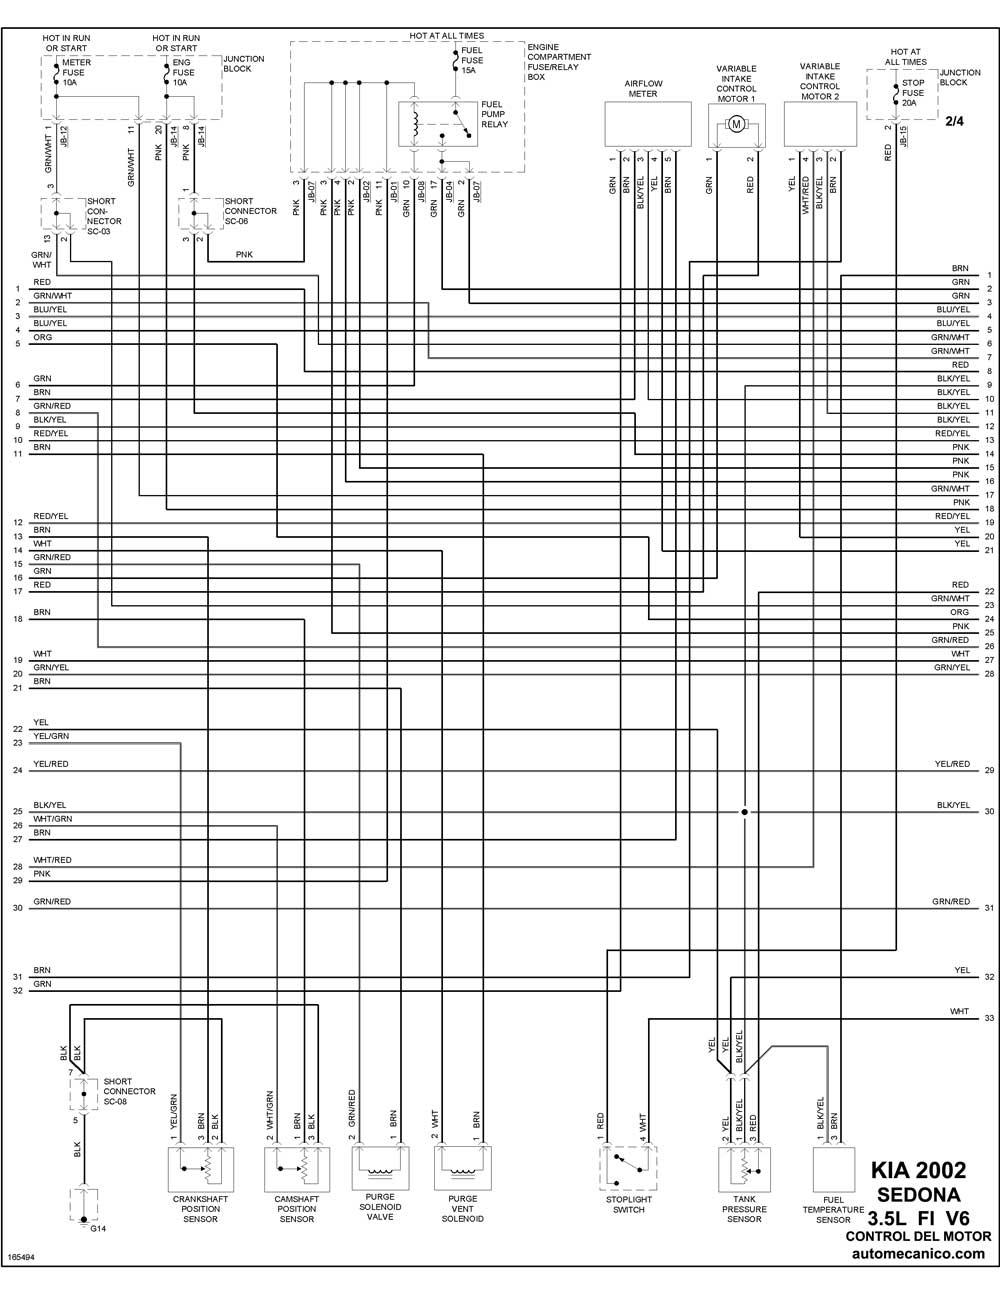 2002 kia sedona Diagrama del motor